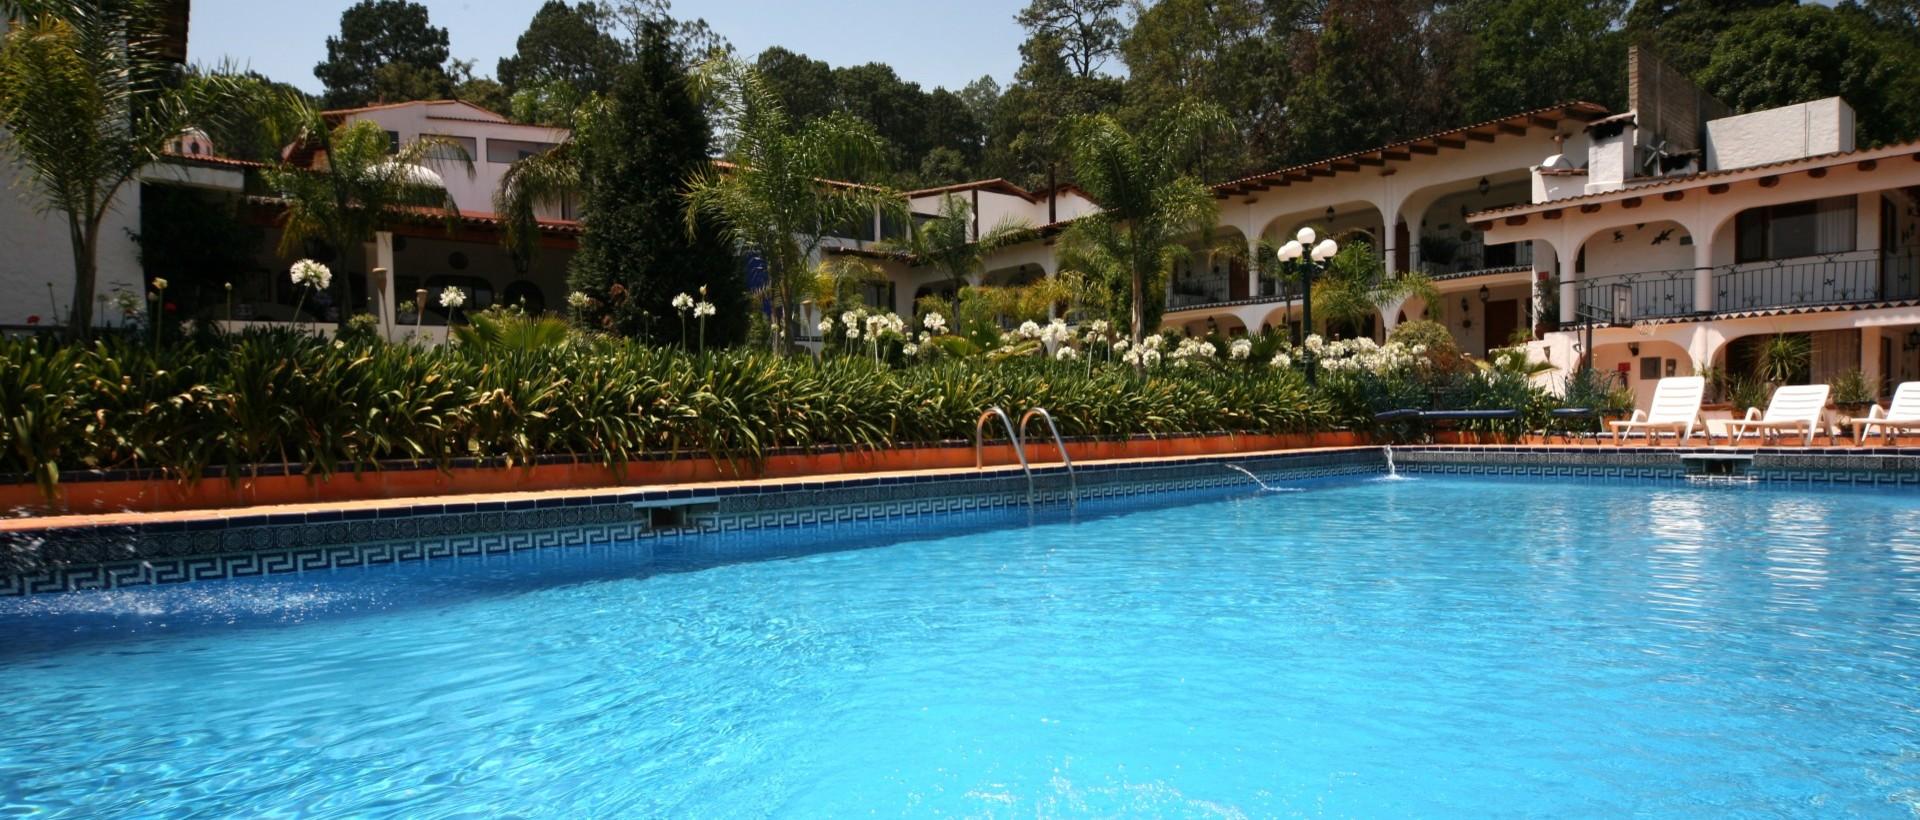 Hotel El Rebozo